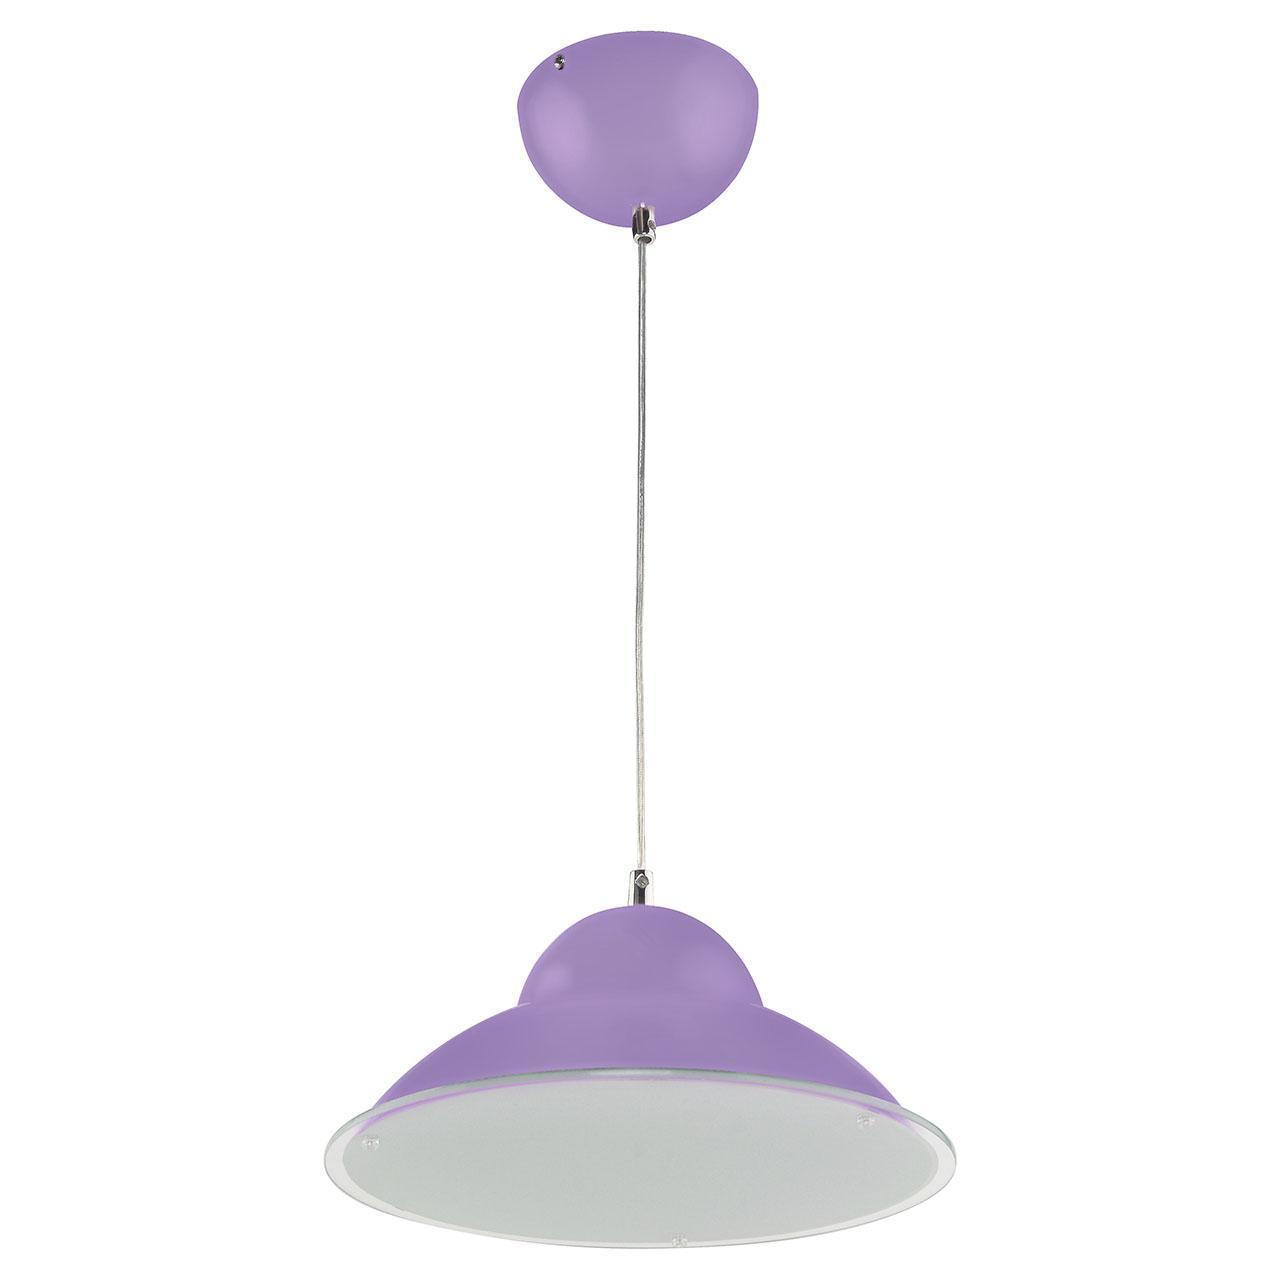 Подвесной светодиодный светильник Horoz фиолетовый 020-005-0015 horoz подвесной светодиодный светильник horoz alya 15w 4000к ip20 розовый 020 005 0015 hrz00000785